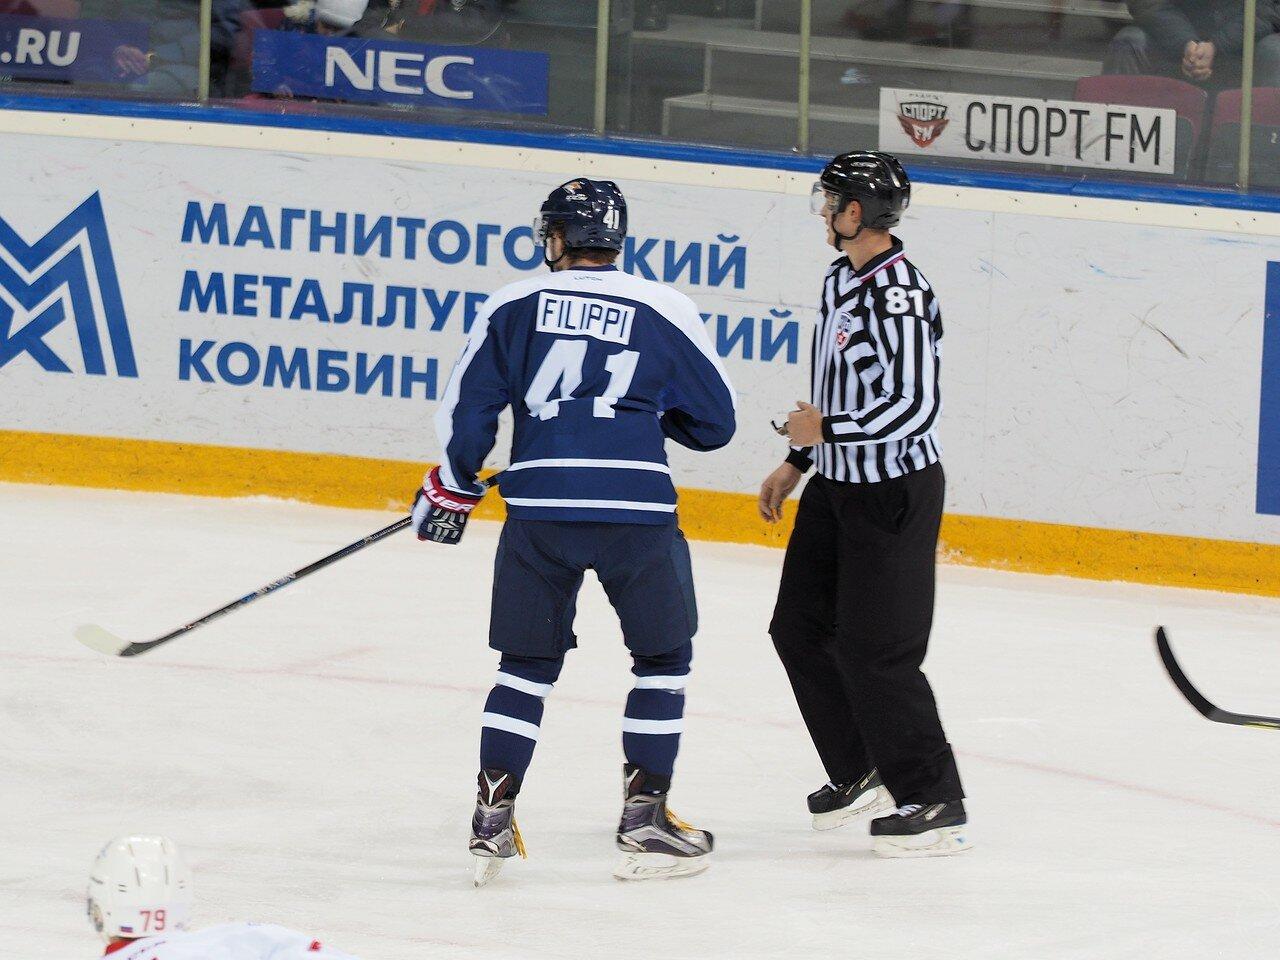 26Металлург - Cпартак 26.12.2015